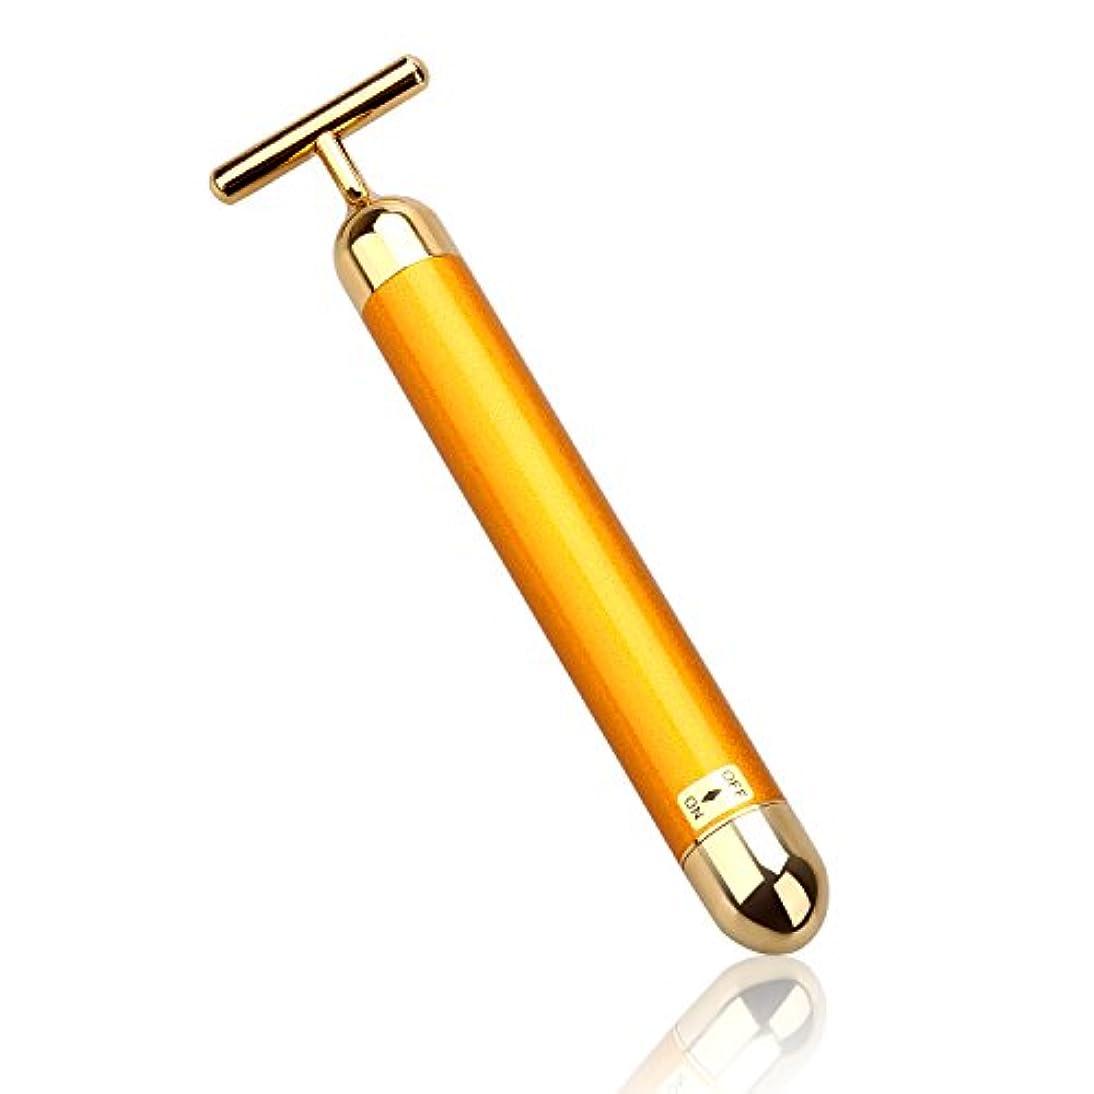 自動車寮集団LEVIN 電動美顔器 ビューティーバー フェイスパー 電動美顔器 美肌 防水 ゴールド